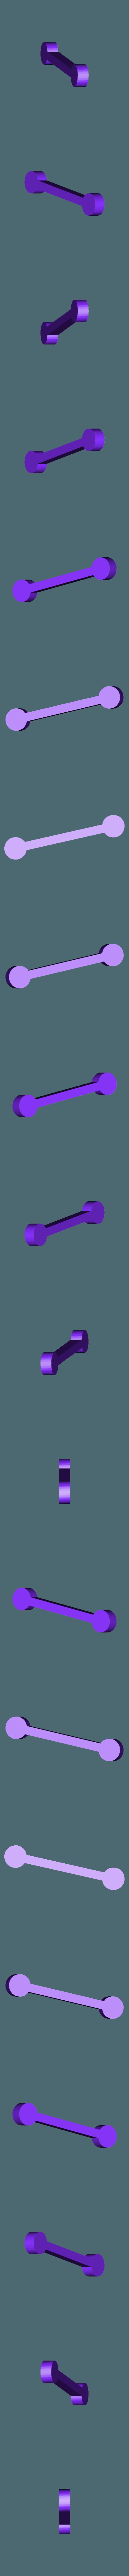 Nerfpistol_trigger2.STL Download STL file Nerf pistol with clip • 3D printer design, MrCrankyface